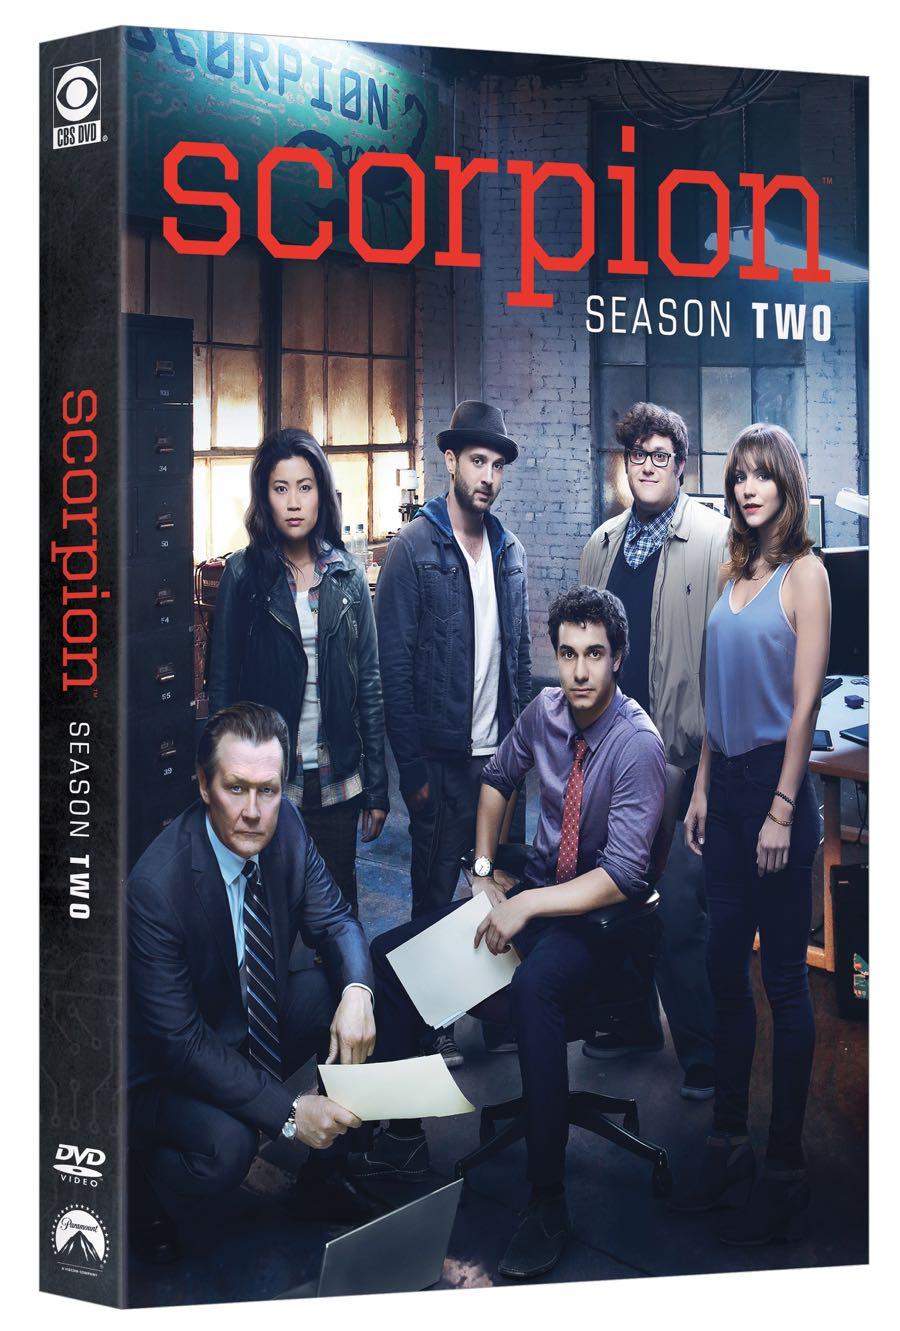 SCORPION Season Two DVD